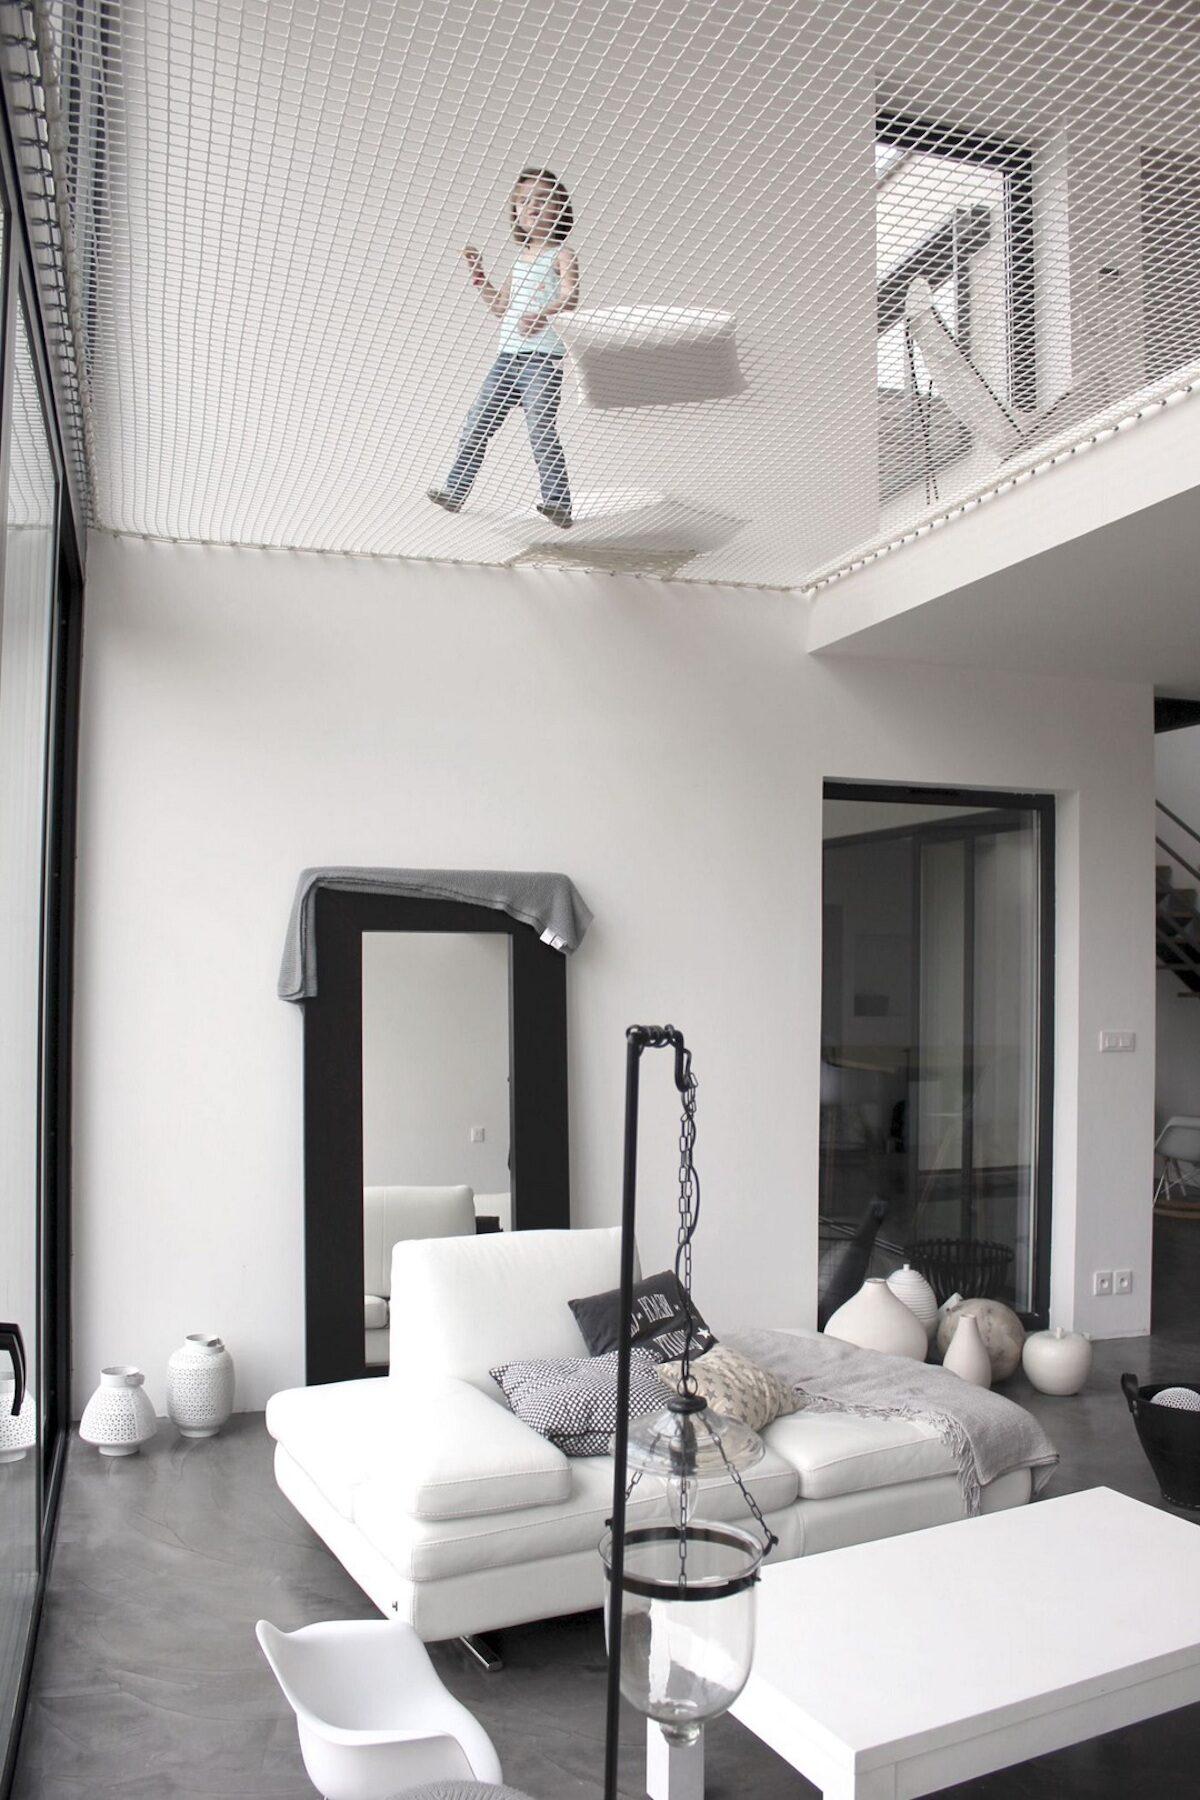 salon séjour trampoline d habitation enfant jeu - blog déco - clematc